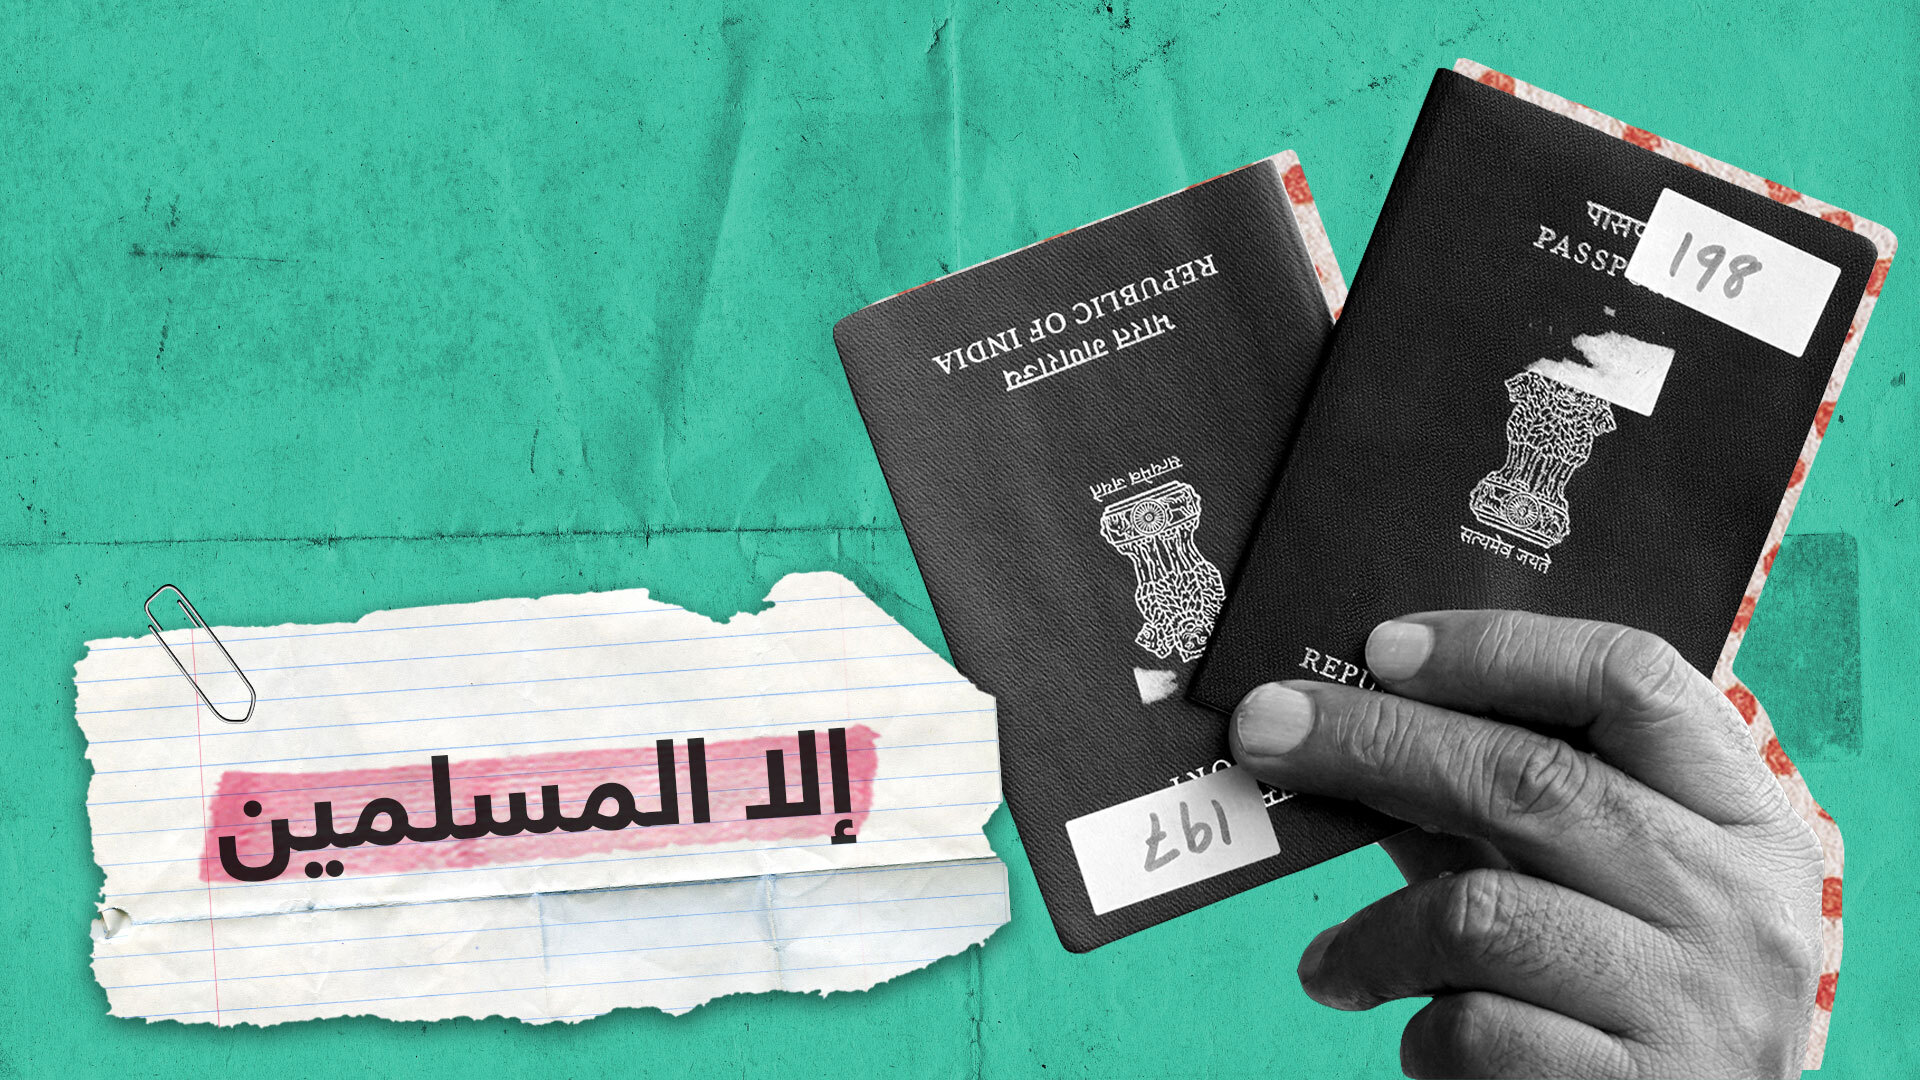 الهند تمنح الجنسية للمهاجرين شريطة ألا يكونوا مسلمين